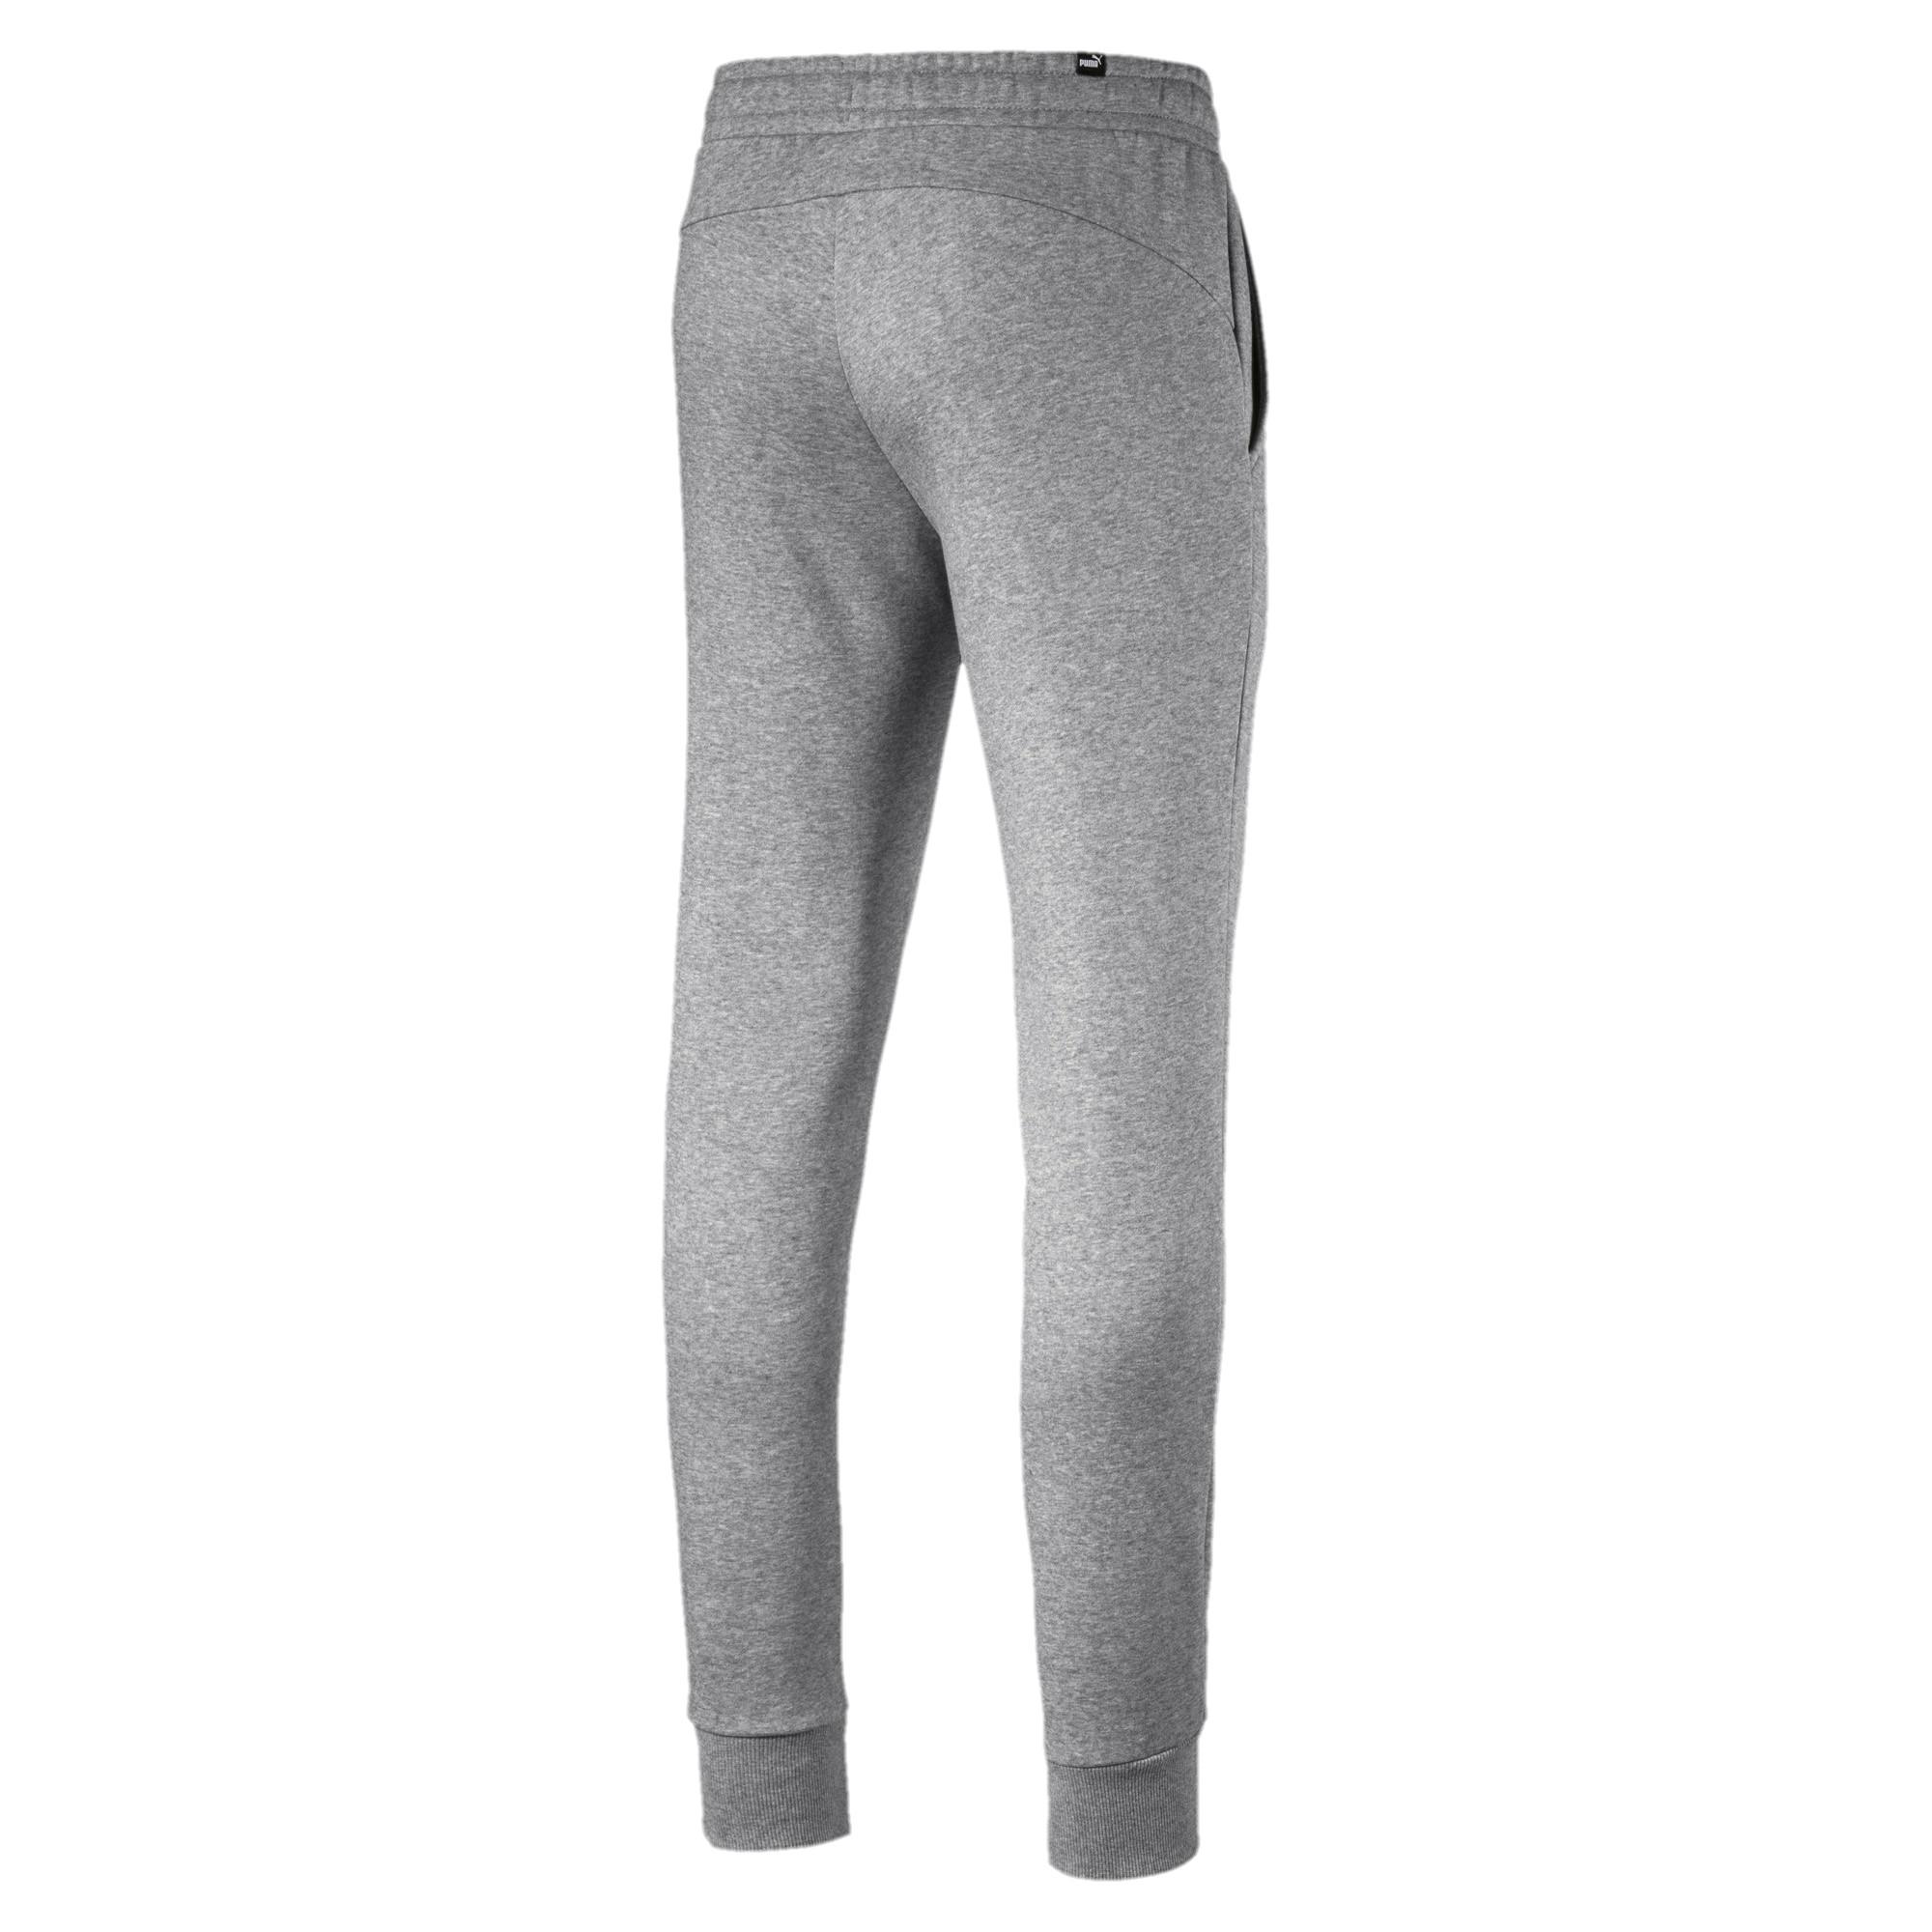 Puma-Essentials-Men-039-s-852428-Slim-Fit-Fleece-Knit-Jogger-Pants thumbnail 3